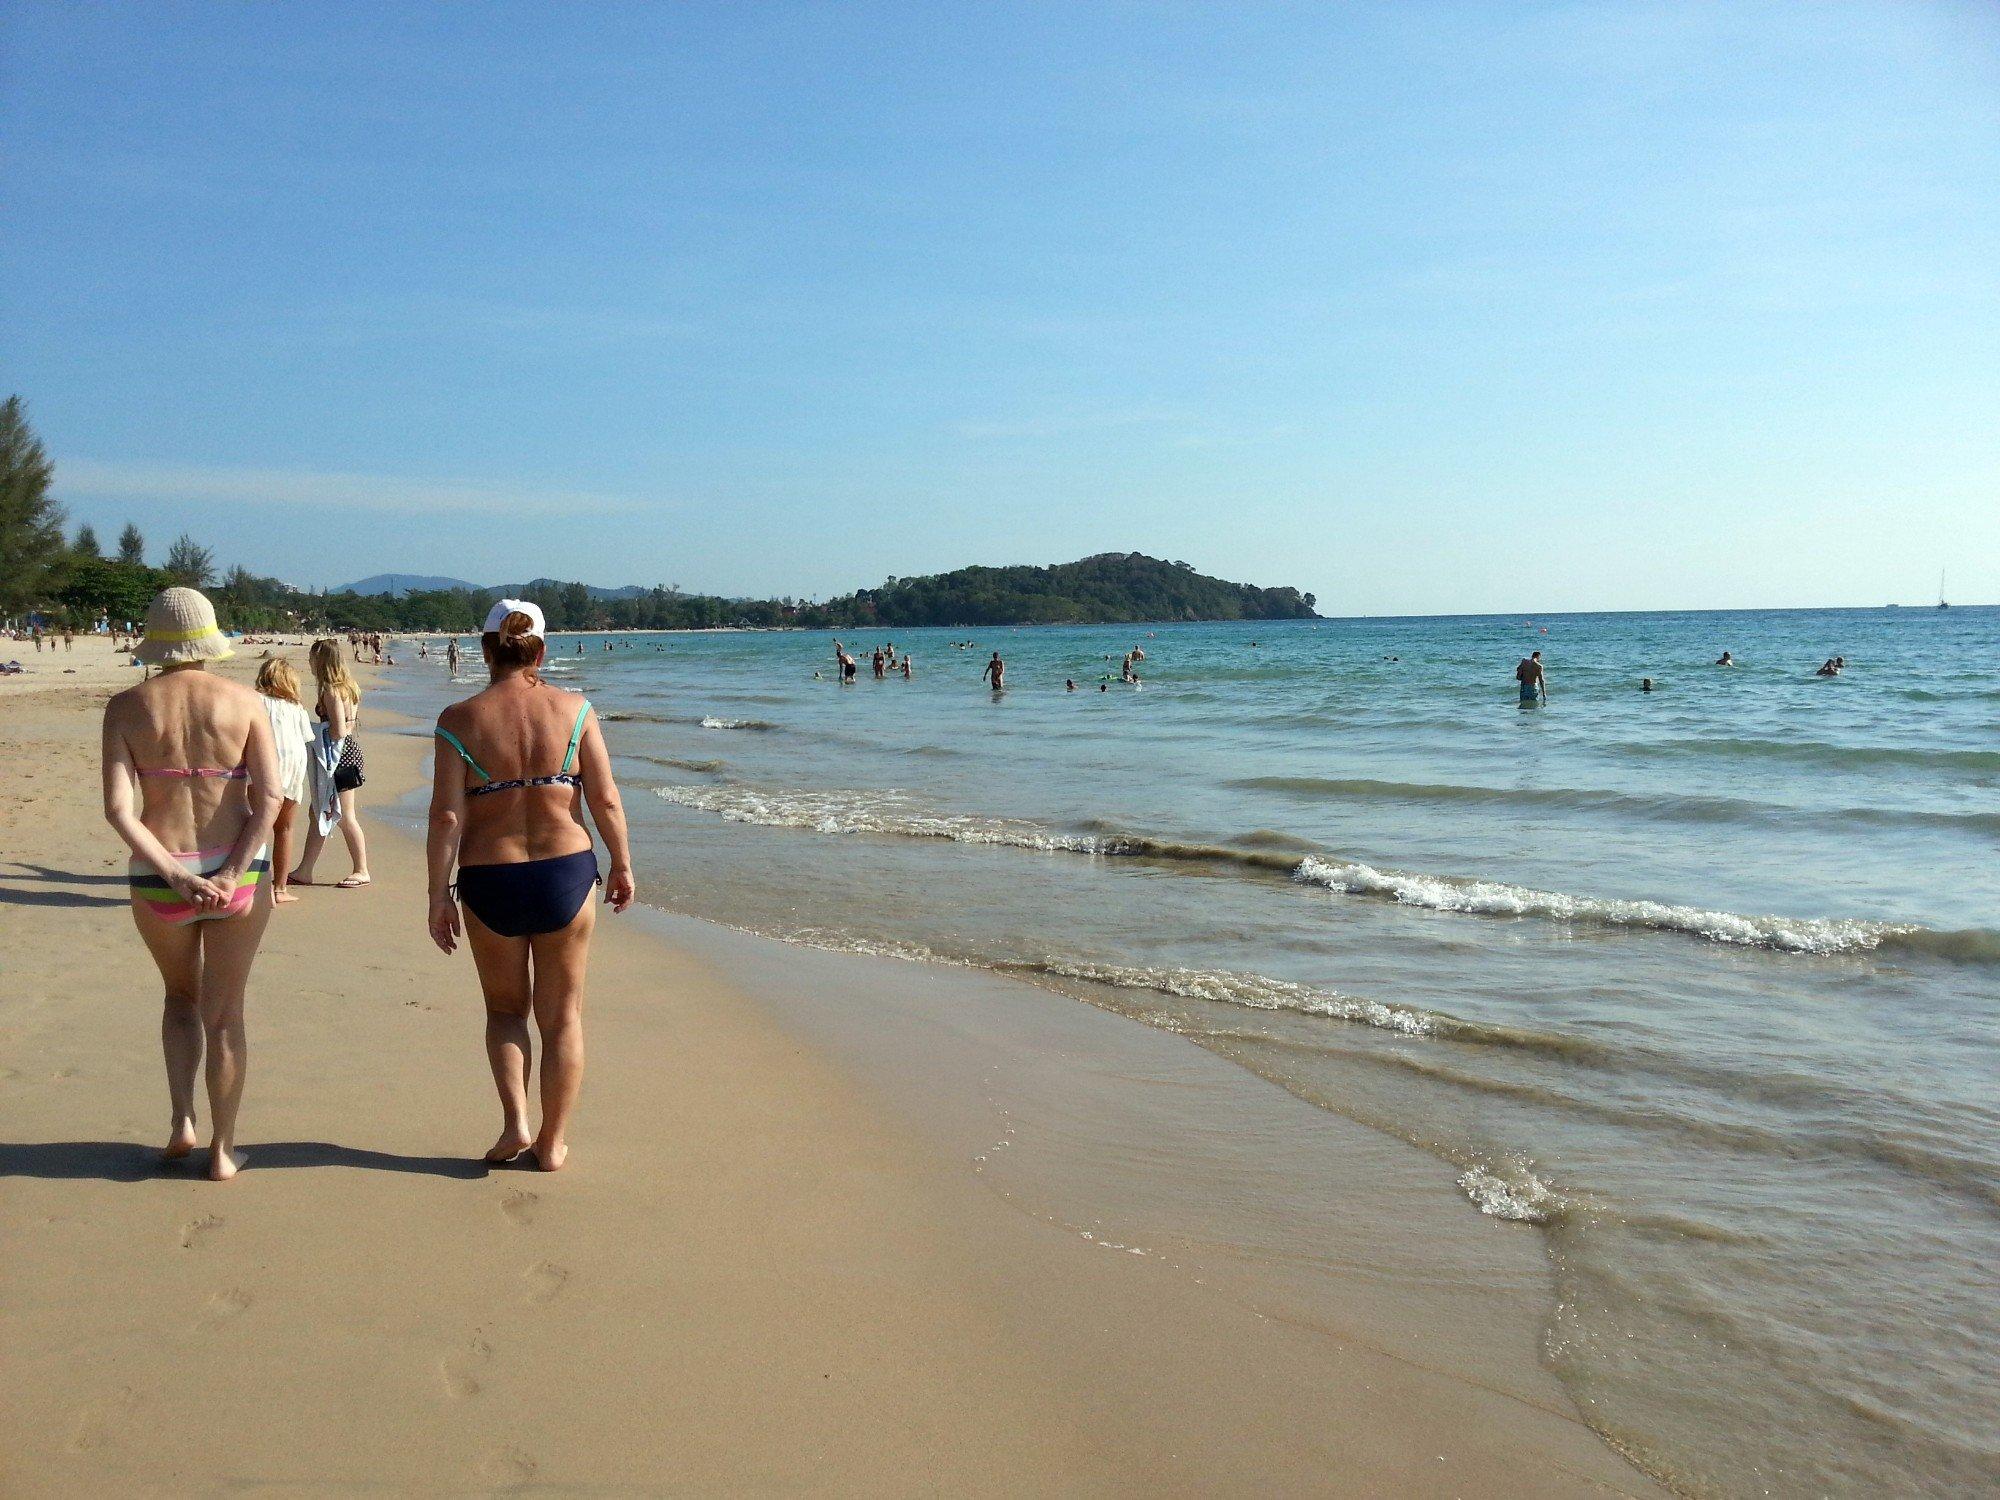 Swimmers on Klong Dao Beach